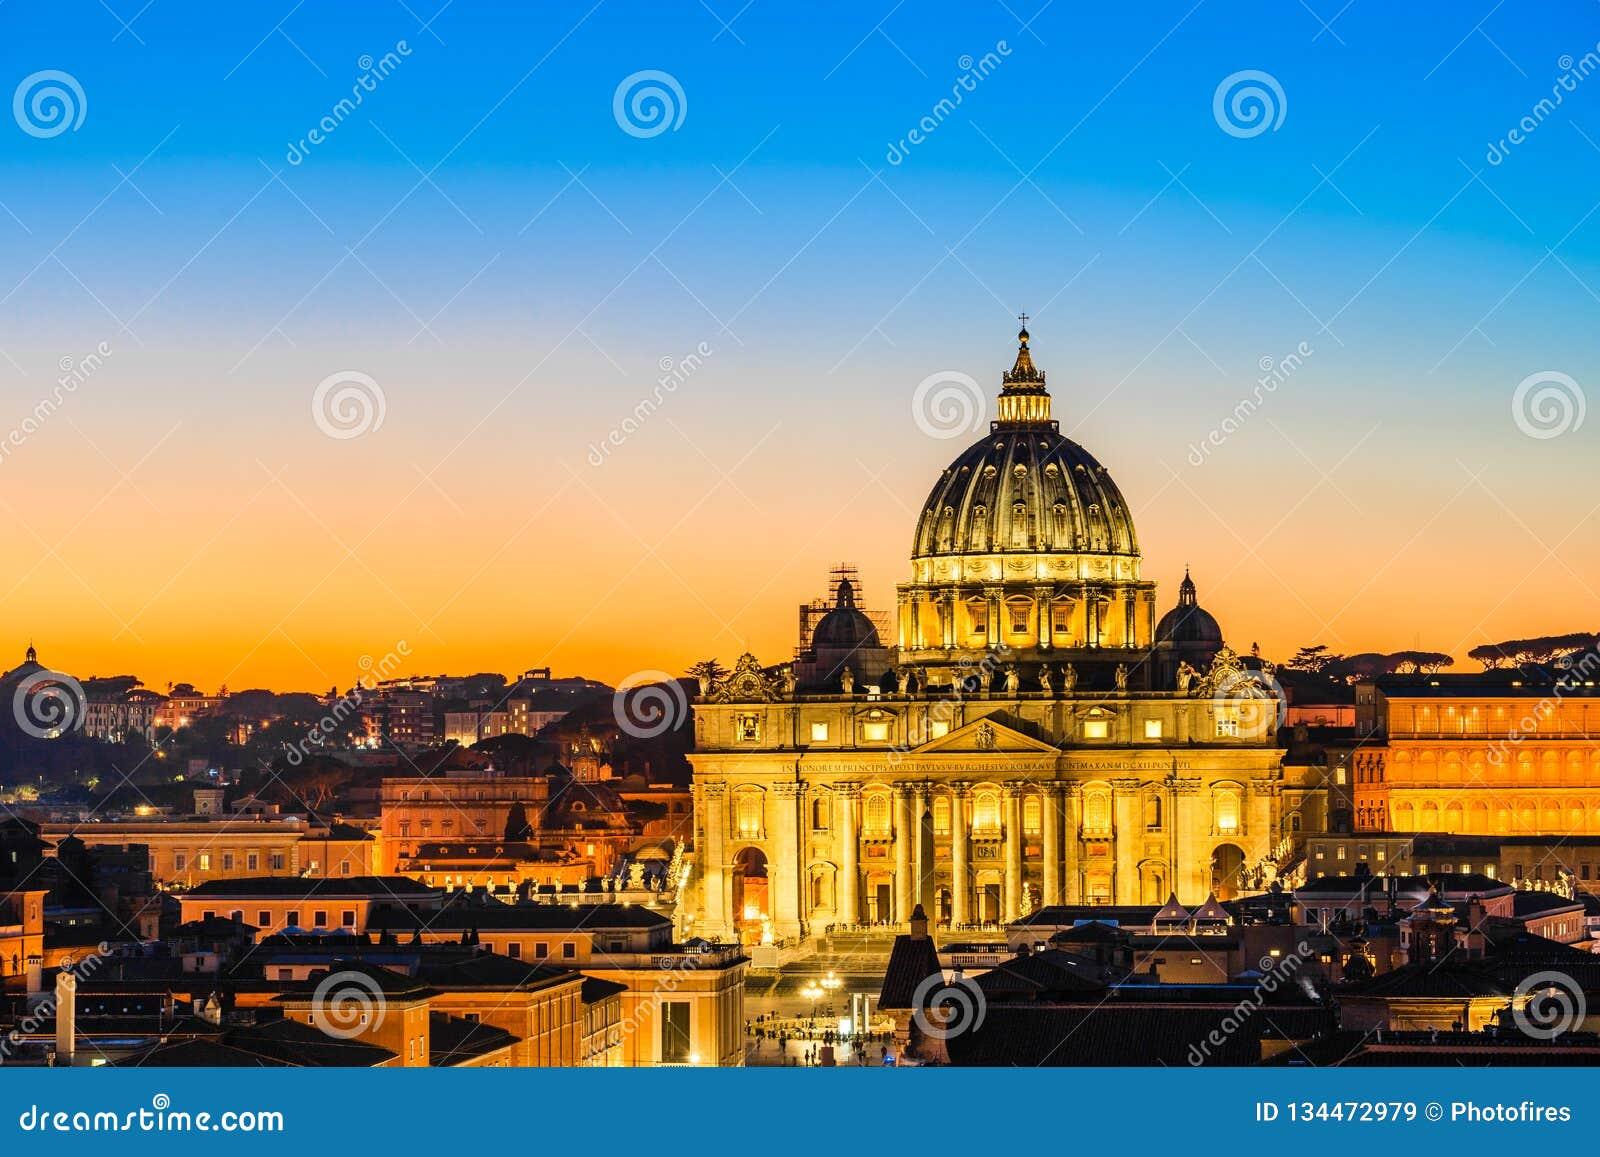 Vista nocturna de la basílica de San Pedro en la Ciudad del Vaticano, Roma, Italia